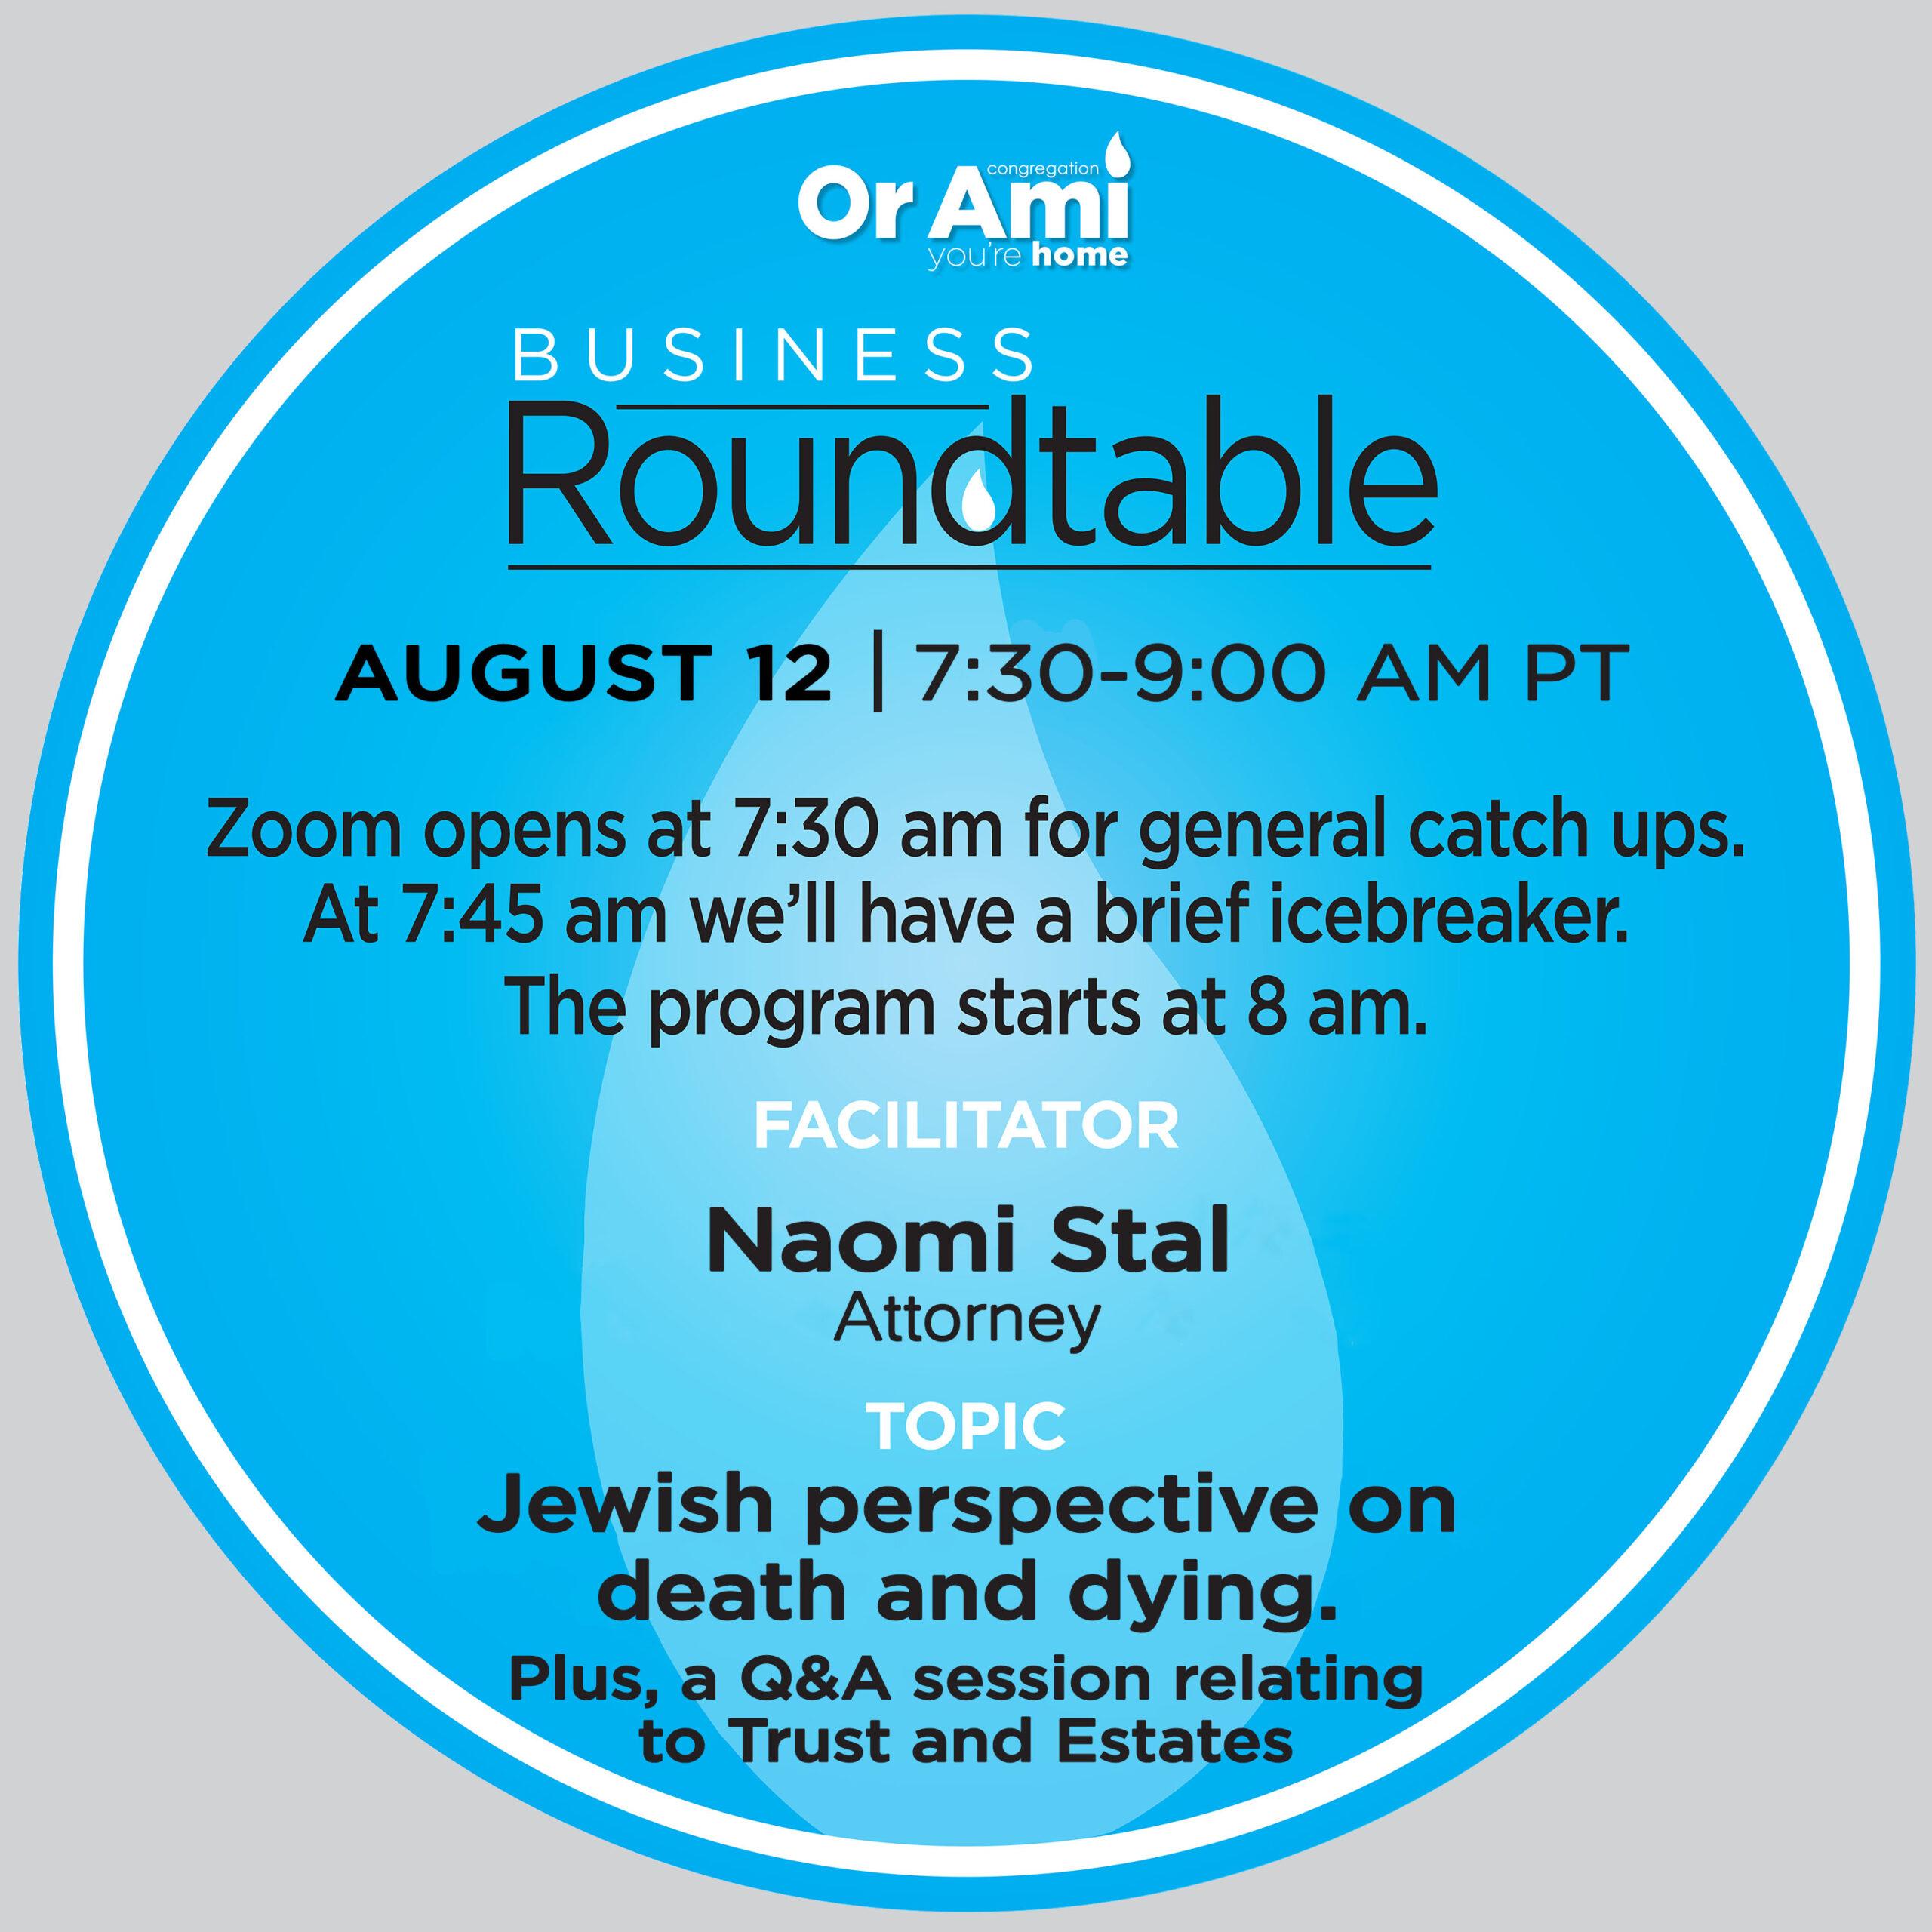 biz roundtable 8-12